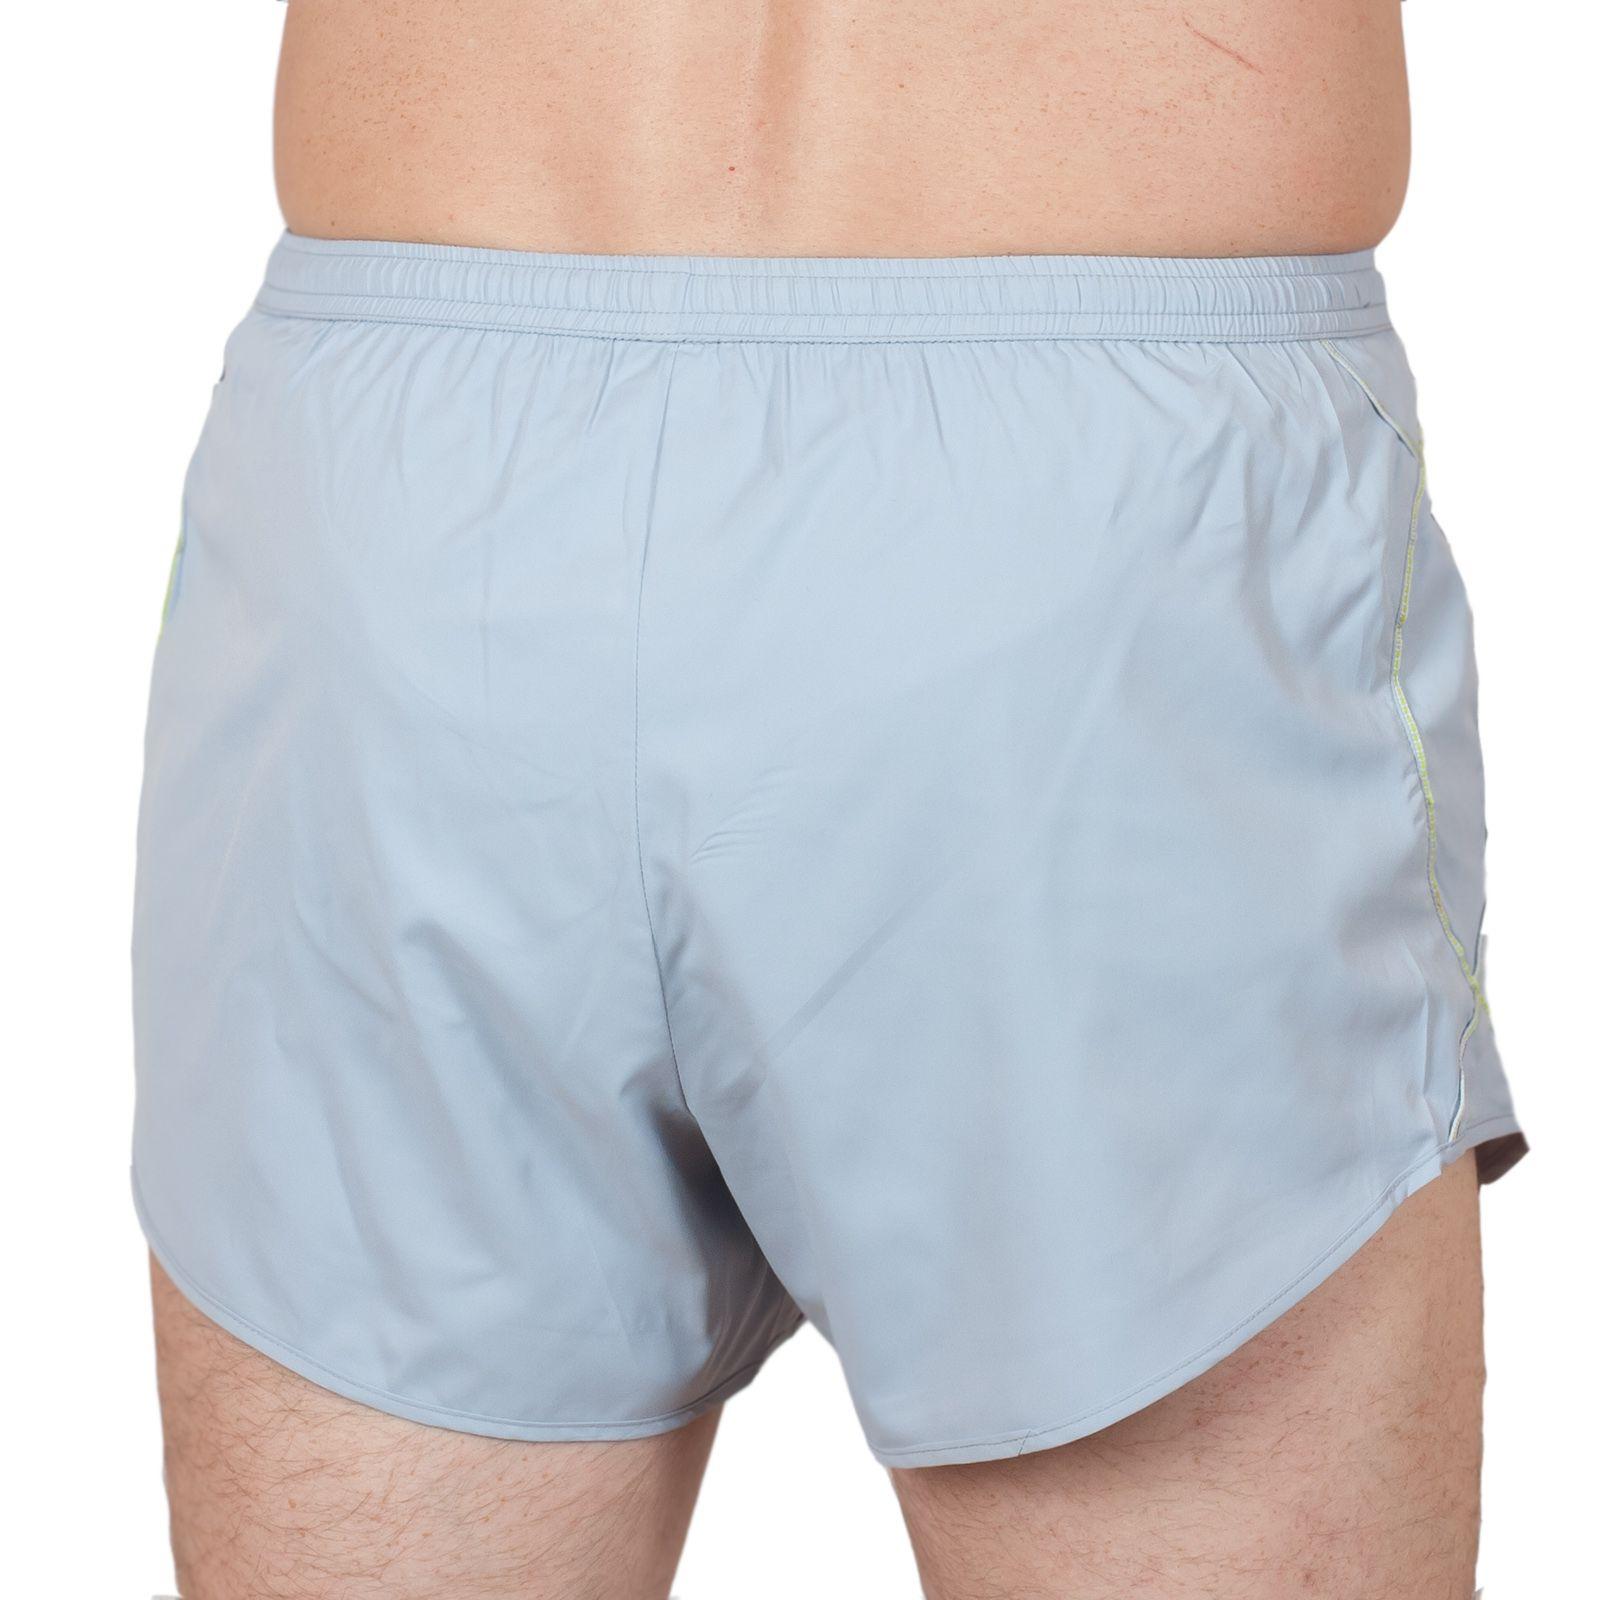 Курортные мужские шорты - вид сзади